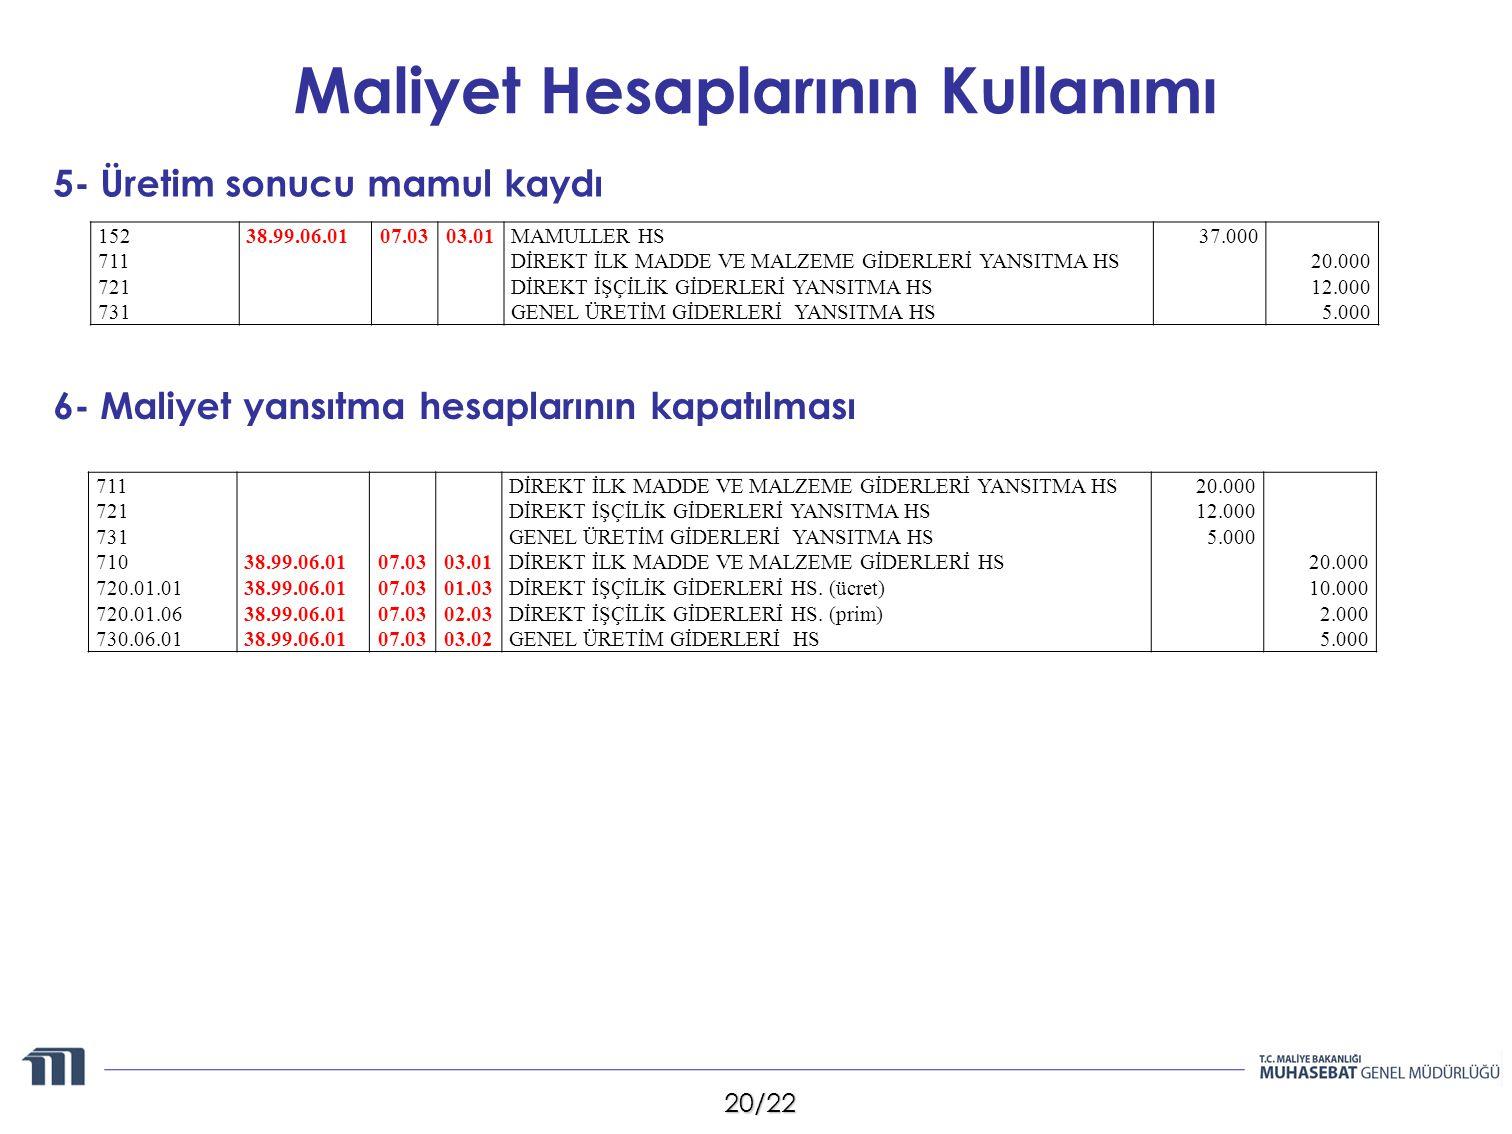 20/22 Maliyet Hesaplarının Kullanımı 5- Üretim sonucu mamul kaydı 6- Maliyet yansıtma hesaplarının kapatılması 152 711 721 731 38.99.06.0107.0303.01MAMULLER HS DİREKT İLK MADDE VE MALZEME GİDERLERİ YANSITMA HS DİREKT İŞÇİLİK GİDERLERİ YANSITMA HS GENEL ÜRETİM GİDERLERİ YANSITMA HS 37.000 20.000 12.000 5.000 711 721 731 710 720.01.01 720.01.06 730.06.01 38.99.06.01 07.03 03.01 01.03 02.03 03.02 DİREKT İLK MADDE VE MALZEME GİDERLERİ YANSITMA HS DİREKT İŞÇİLİK GİDERLERİ YANSITMA HS GENEL ÜRETİM GİDERLERİ YANSITMA HS DİREKT İLK MADDE VE MALZEME GİDERLERİ HS DİREKT İŞÇİLİK GİDERLERİ HS.